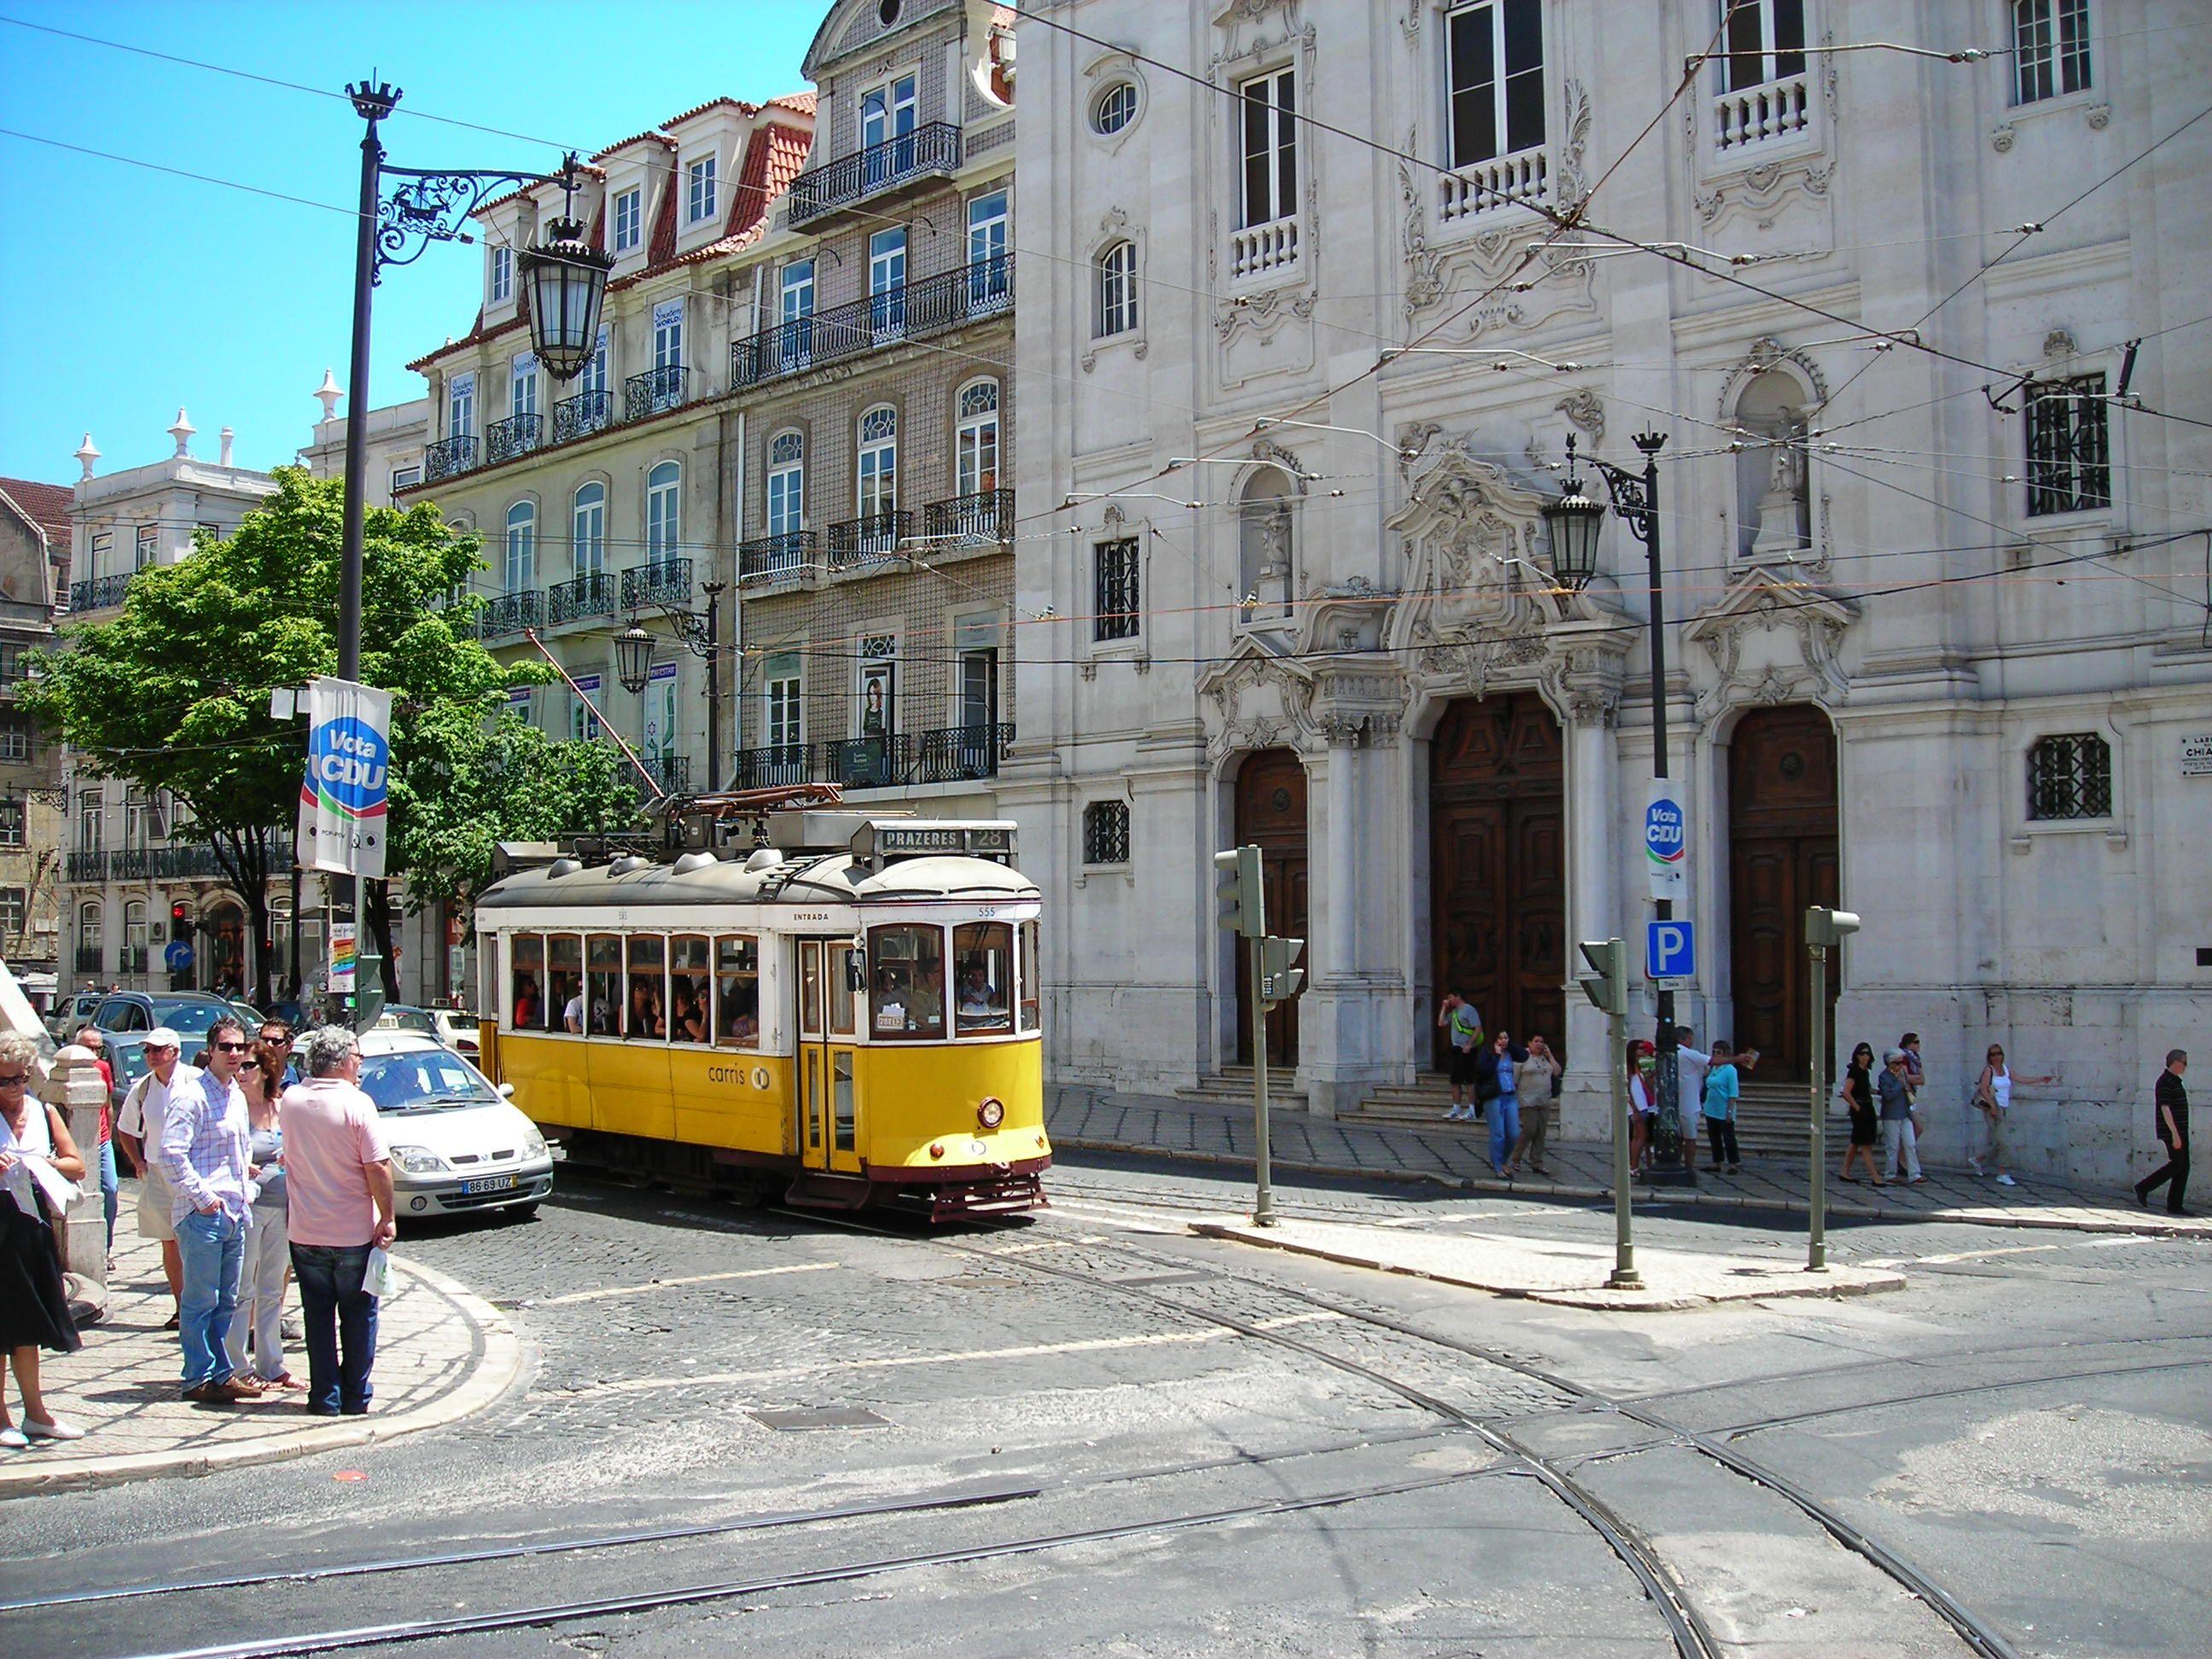 Lisszabon egyik nosztalgia-villamosa, tömve turistákkal